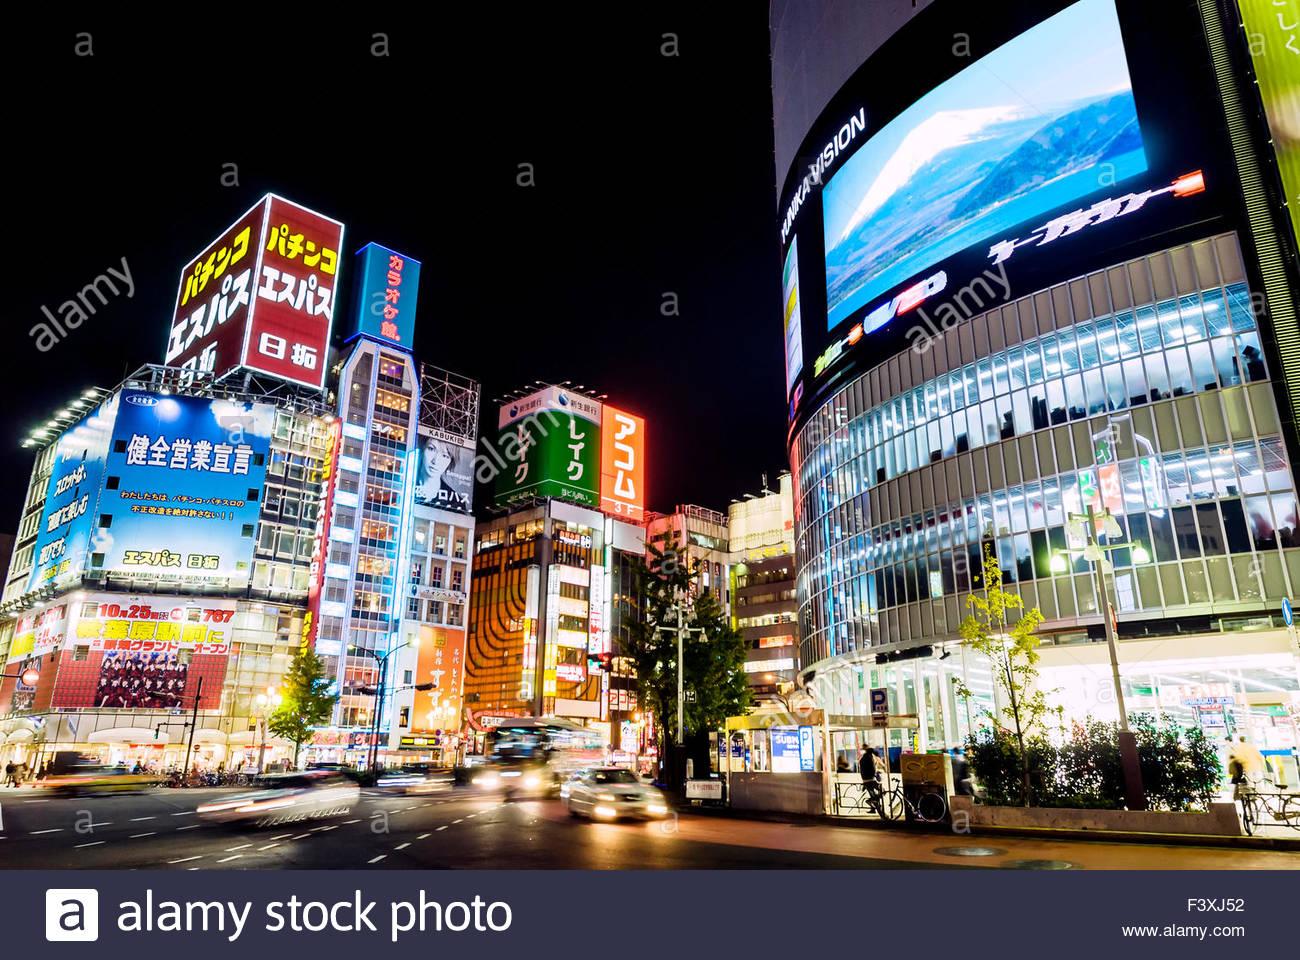 Yasukuni-Dori Shinjuku Japan Stockbild